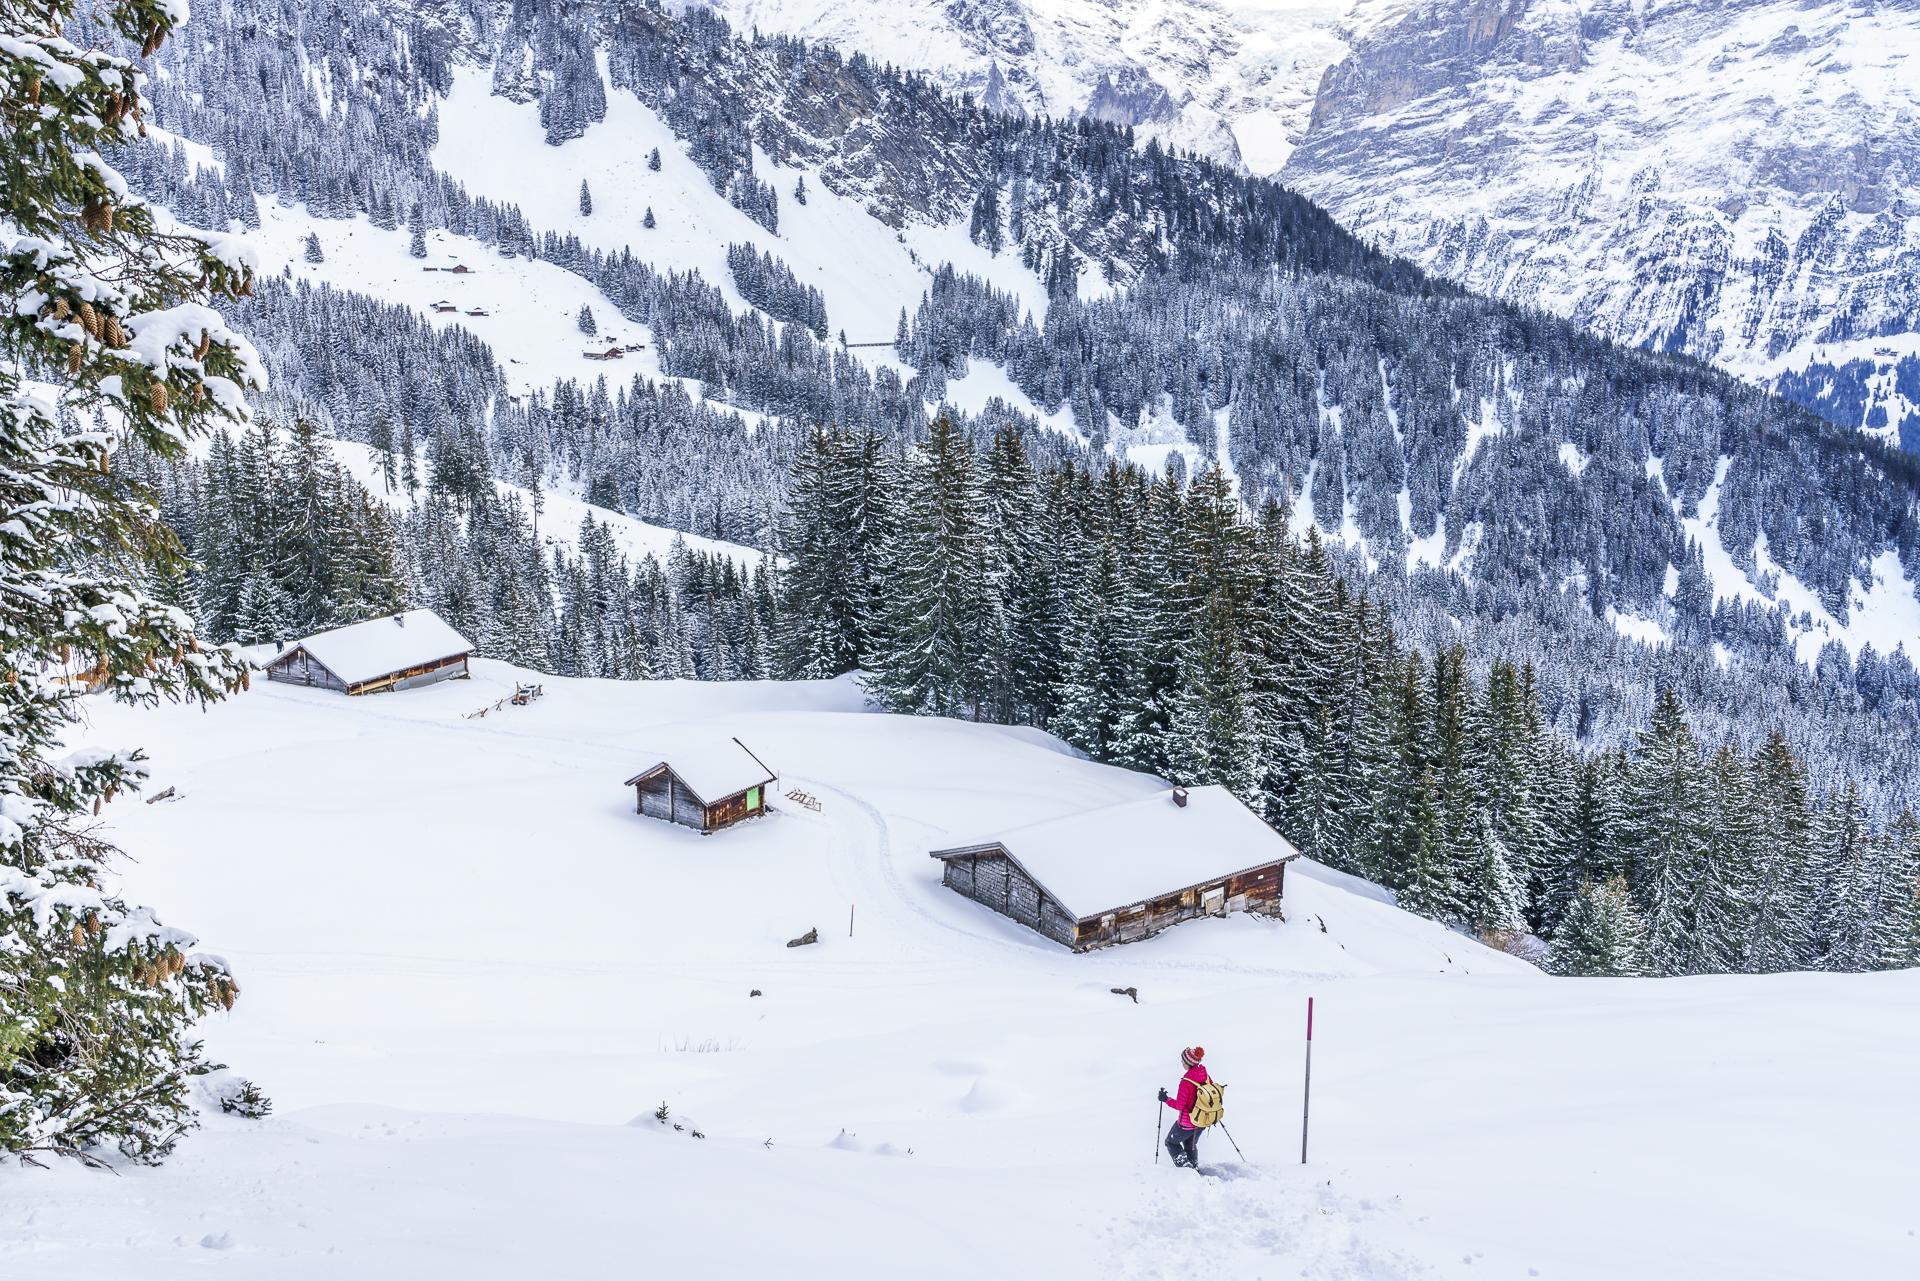 Panoramaschneeschuhtrail Grindelwald